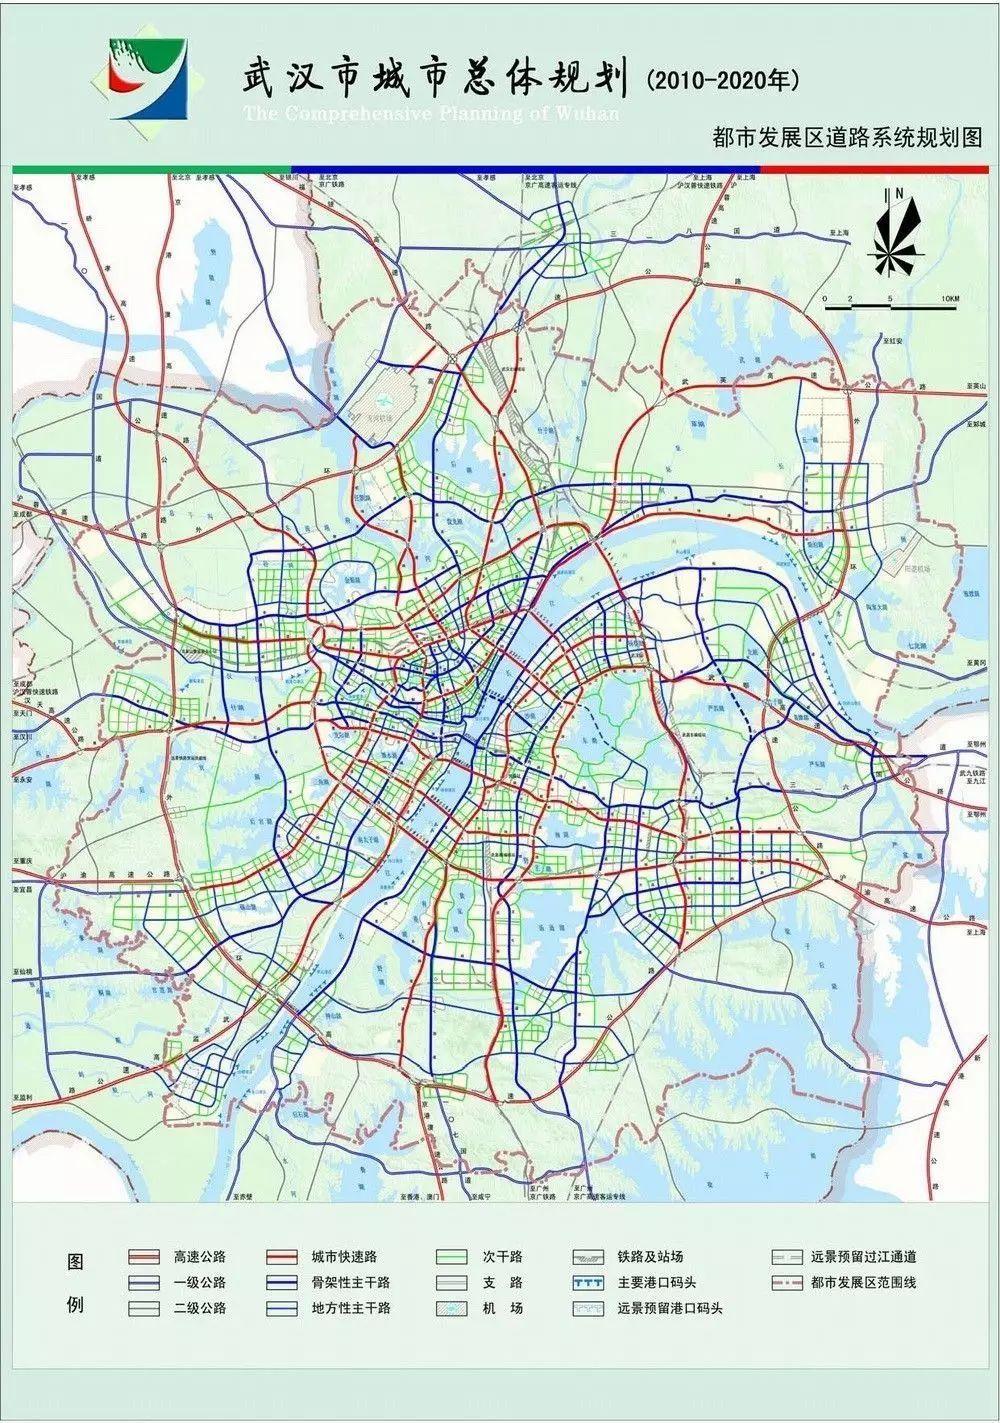 2020年城市gdp_2020年gdp二十强城市